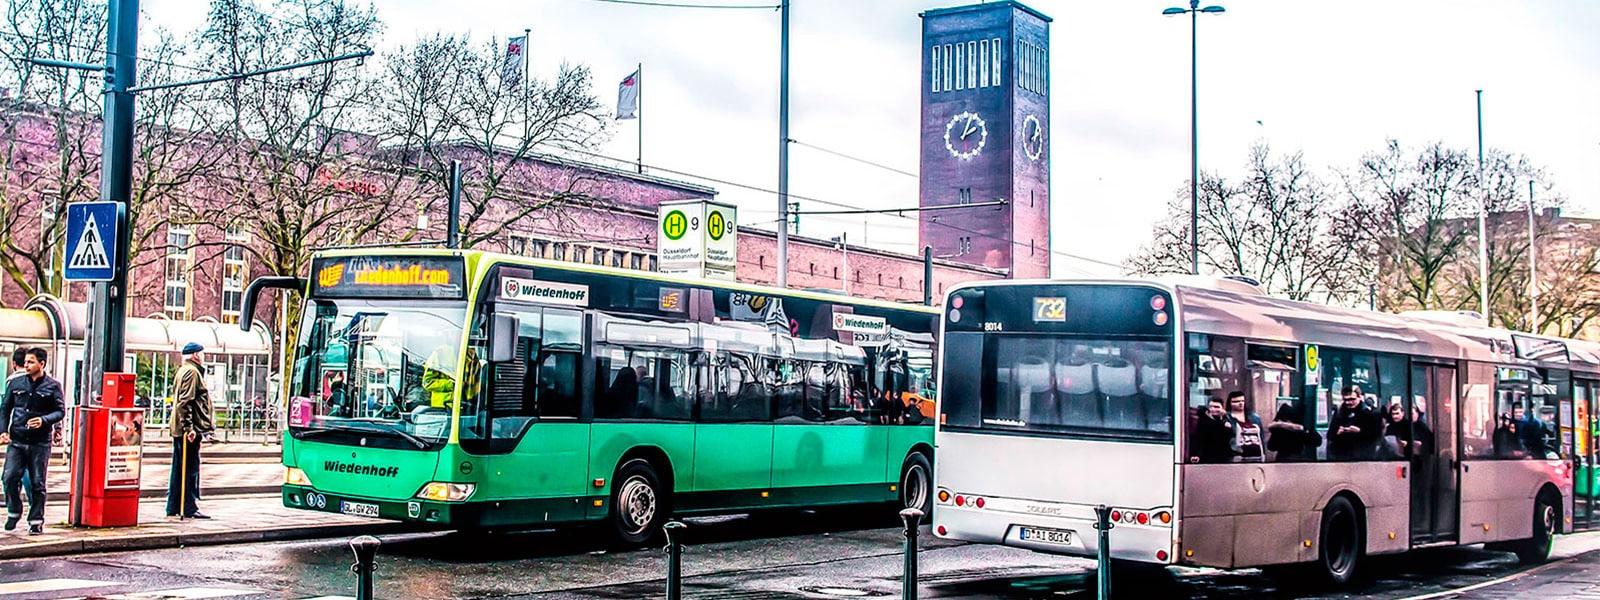 Remscheid-Verkehrsmittelwerbung-bus-werbung